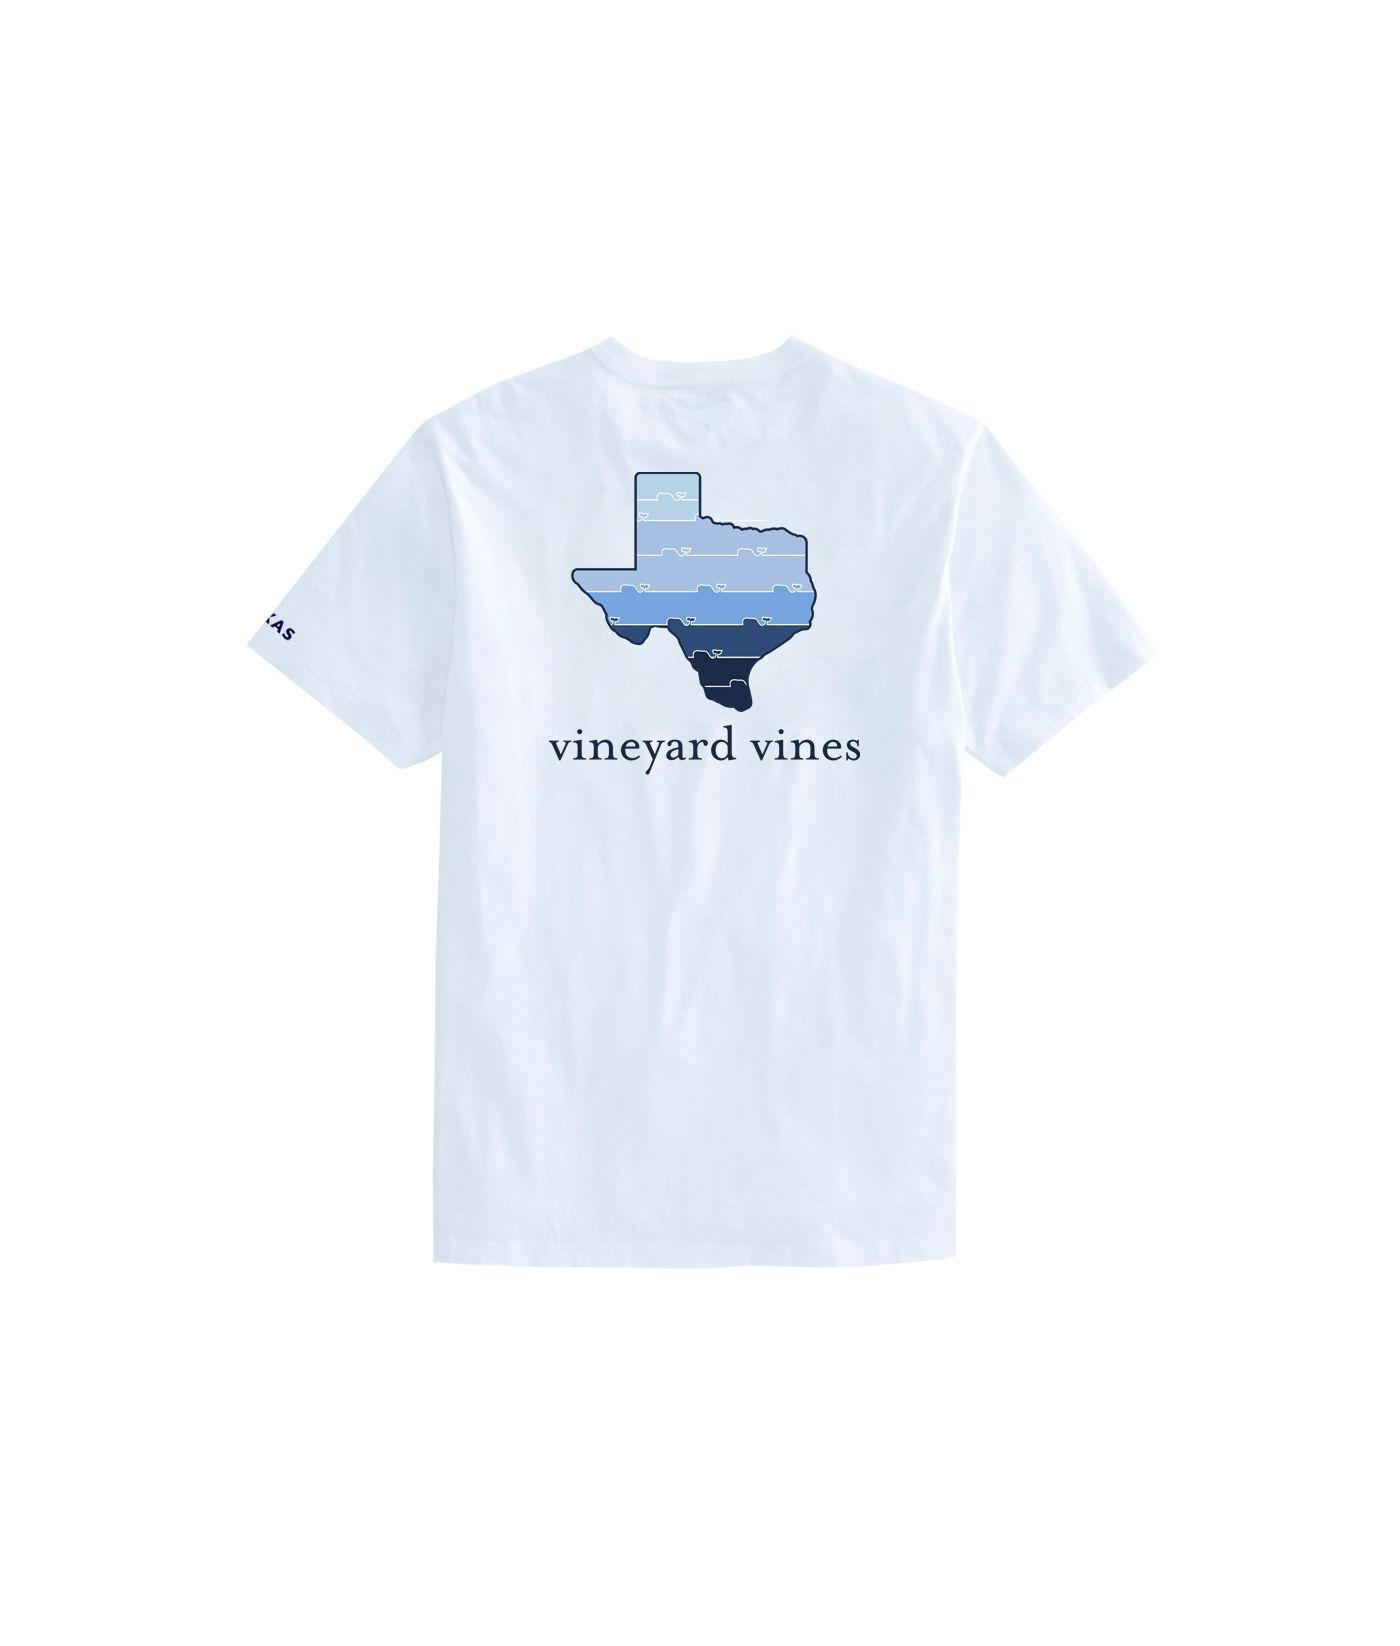 803397eee Vineyard Vines Texas Longhorn Shirt